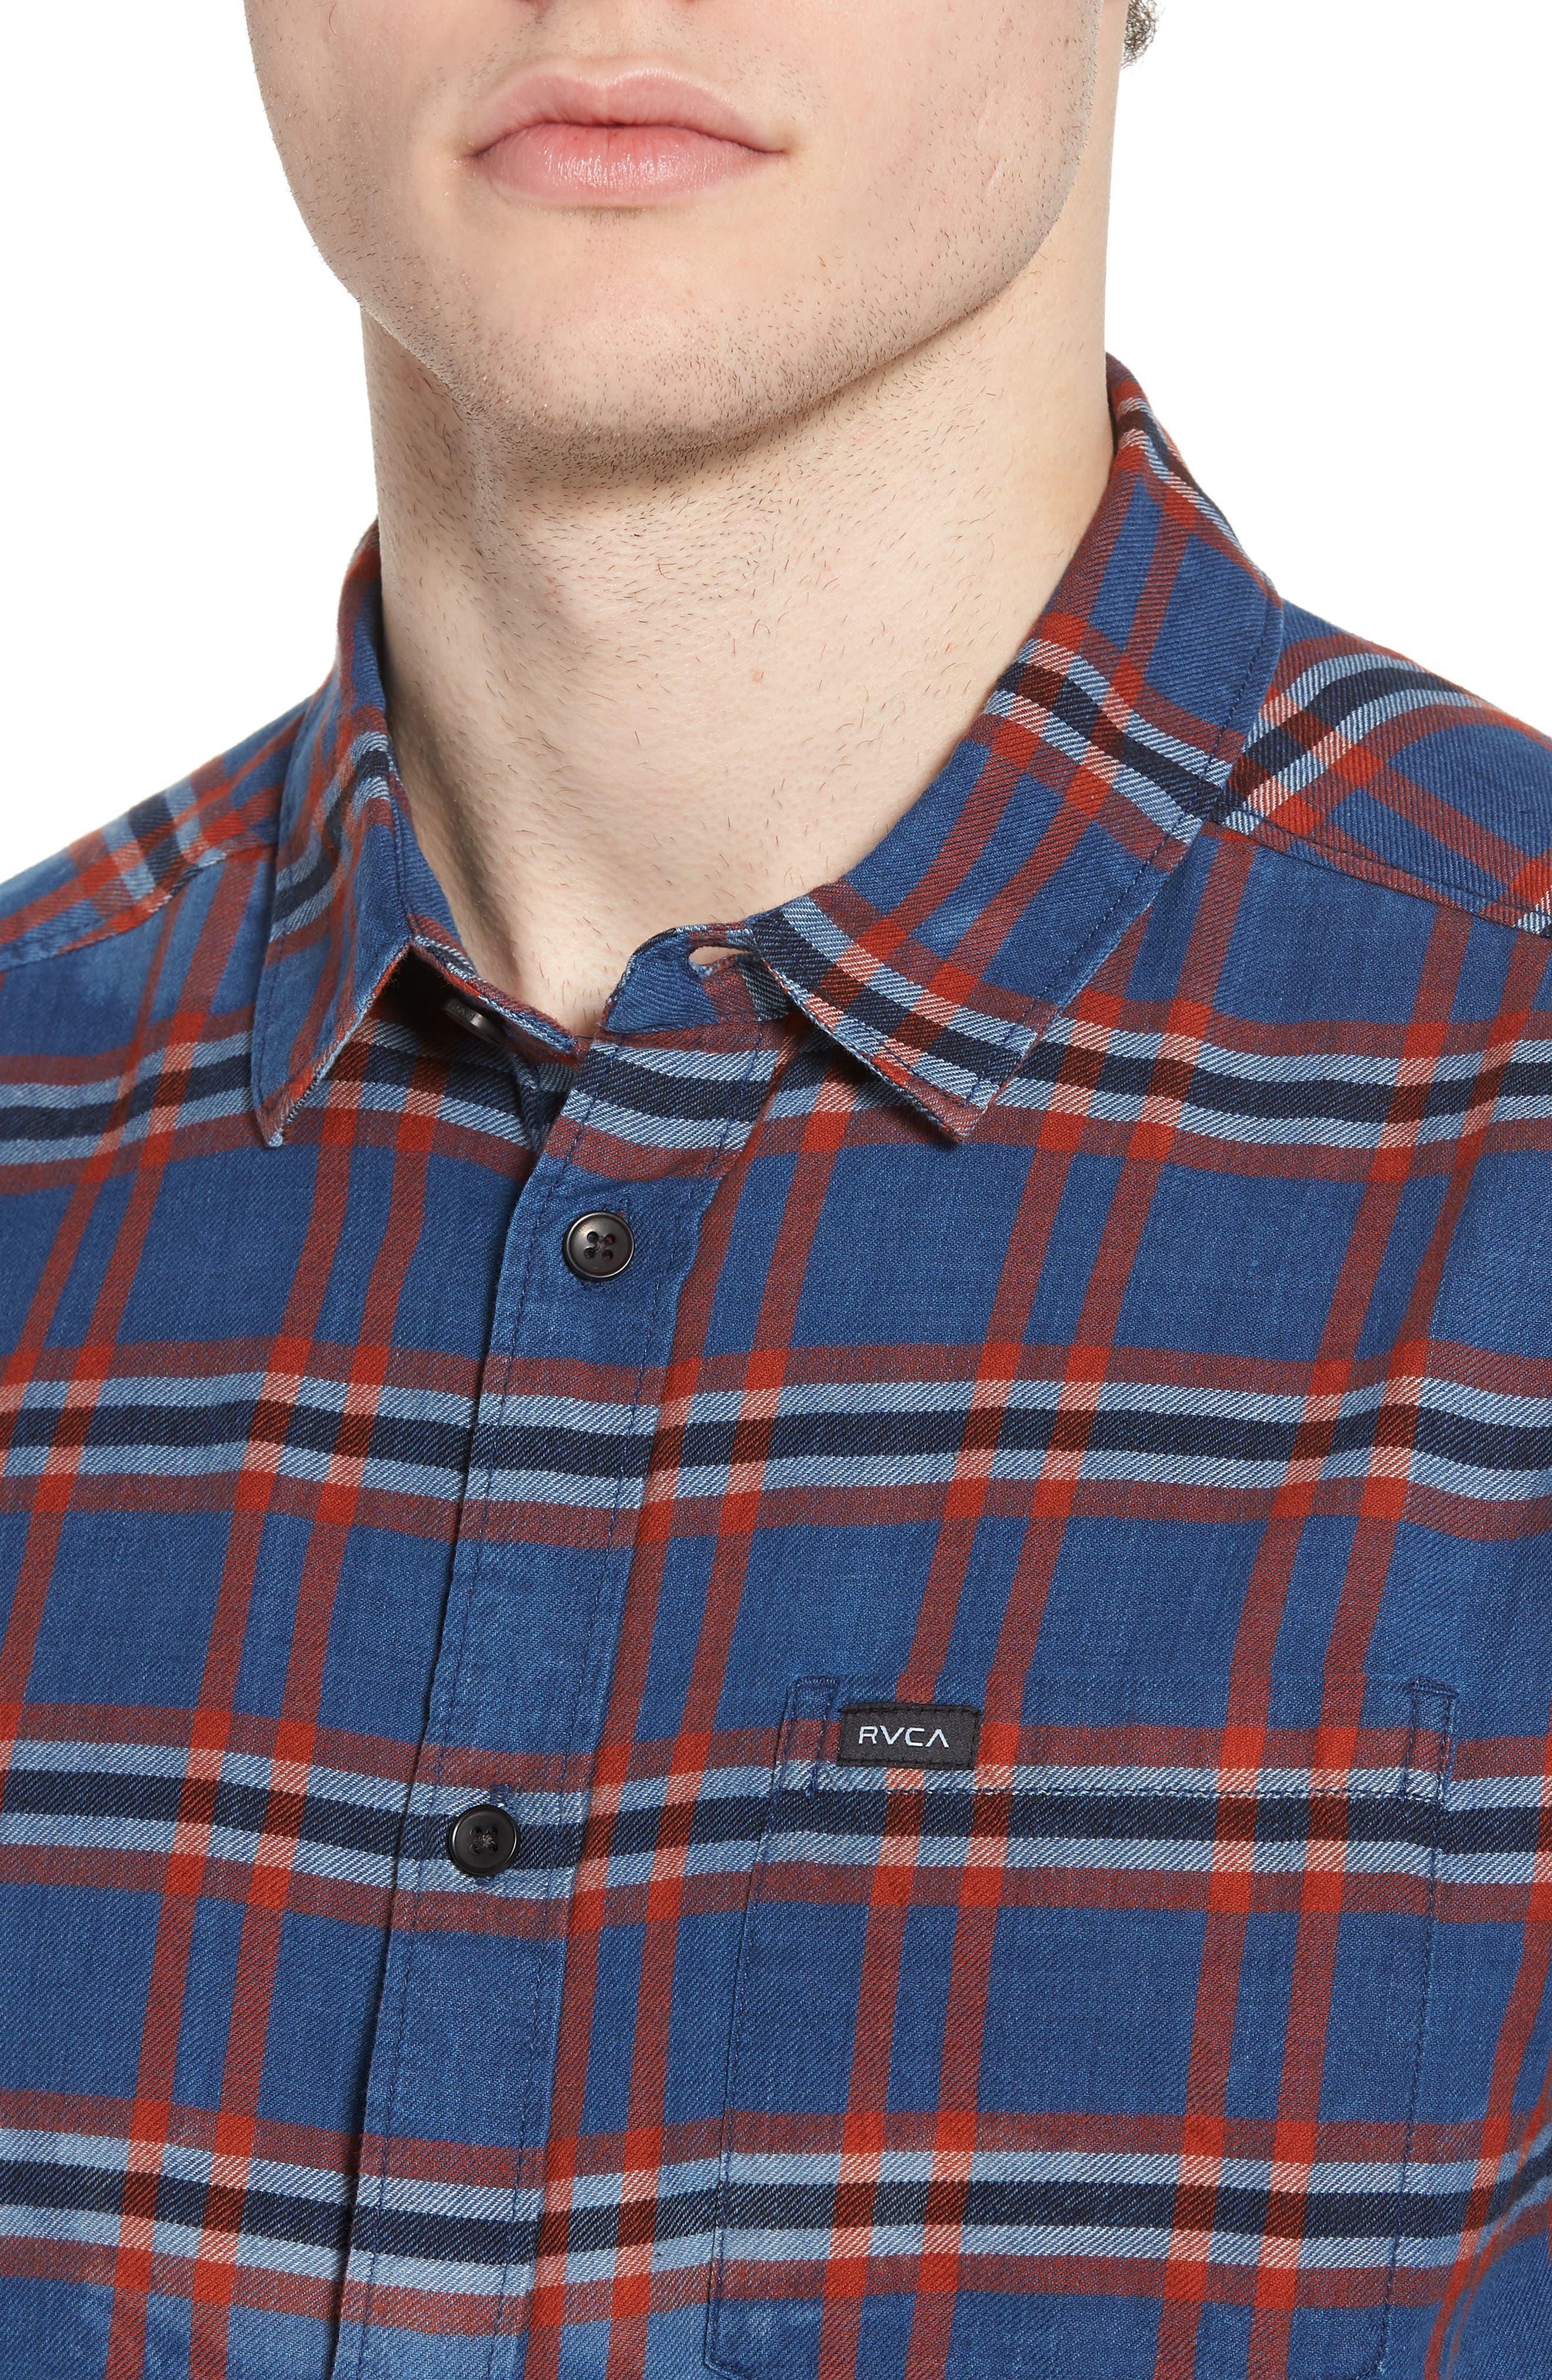 Prismatic Check Woven Shirt,                             Alternate thumbnail 4, color,                             Indigo Bleach